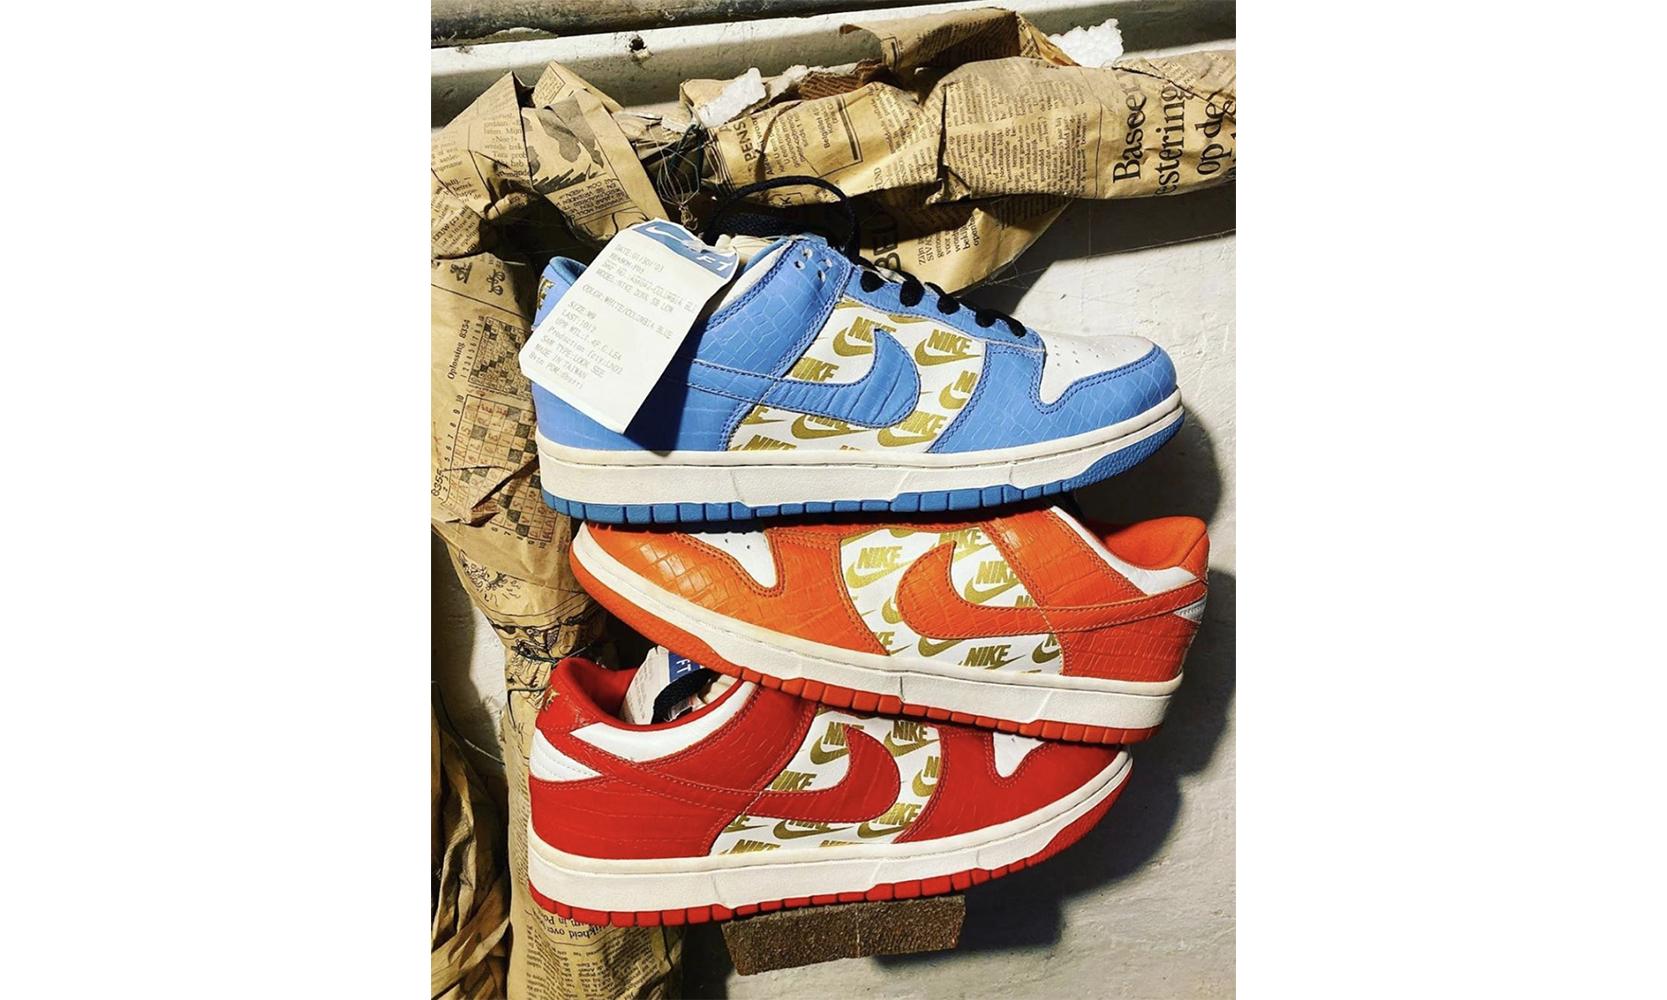 这款 Supreme x Nike SB Dunk 的 Sample 版本你见过吗?